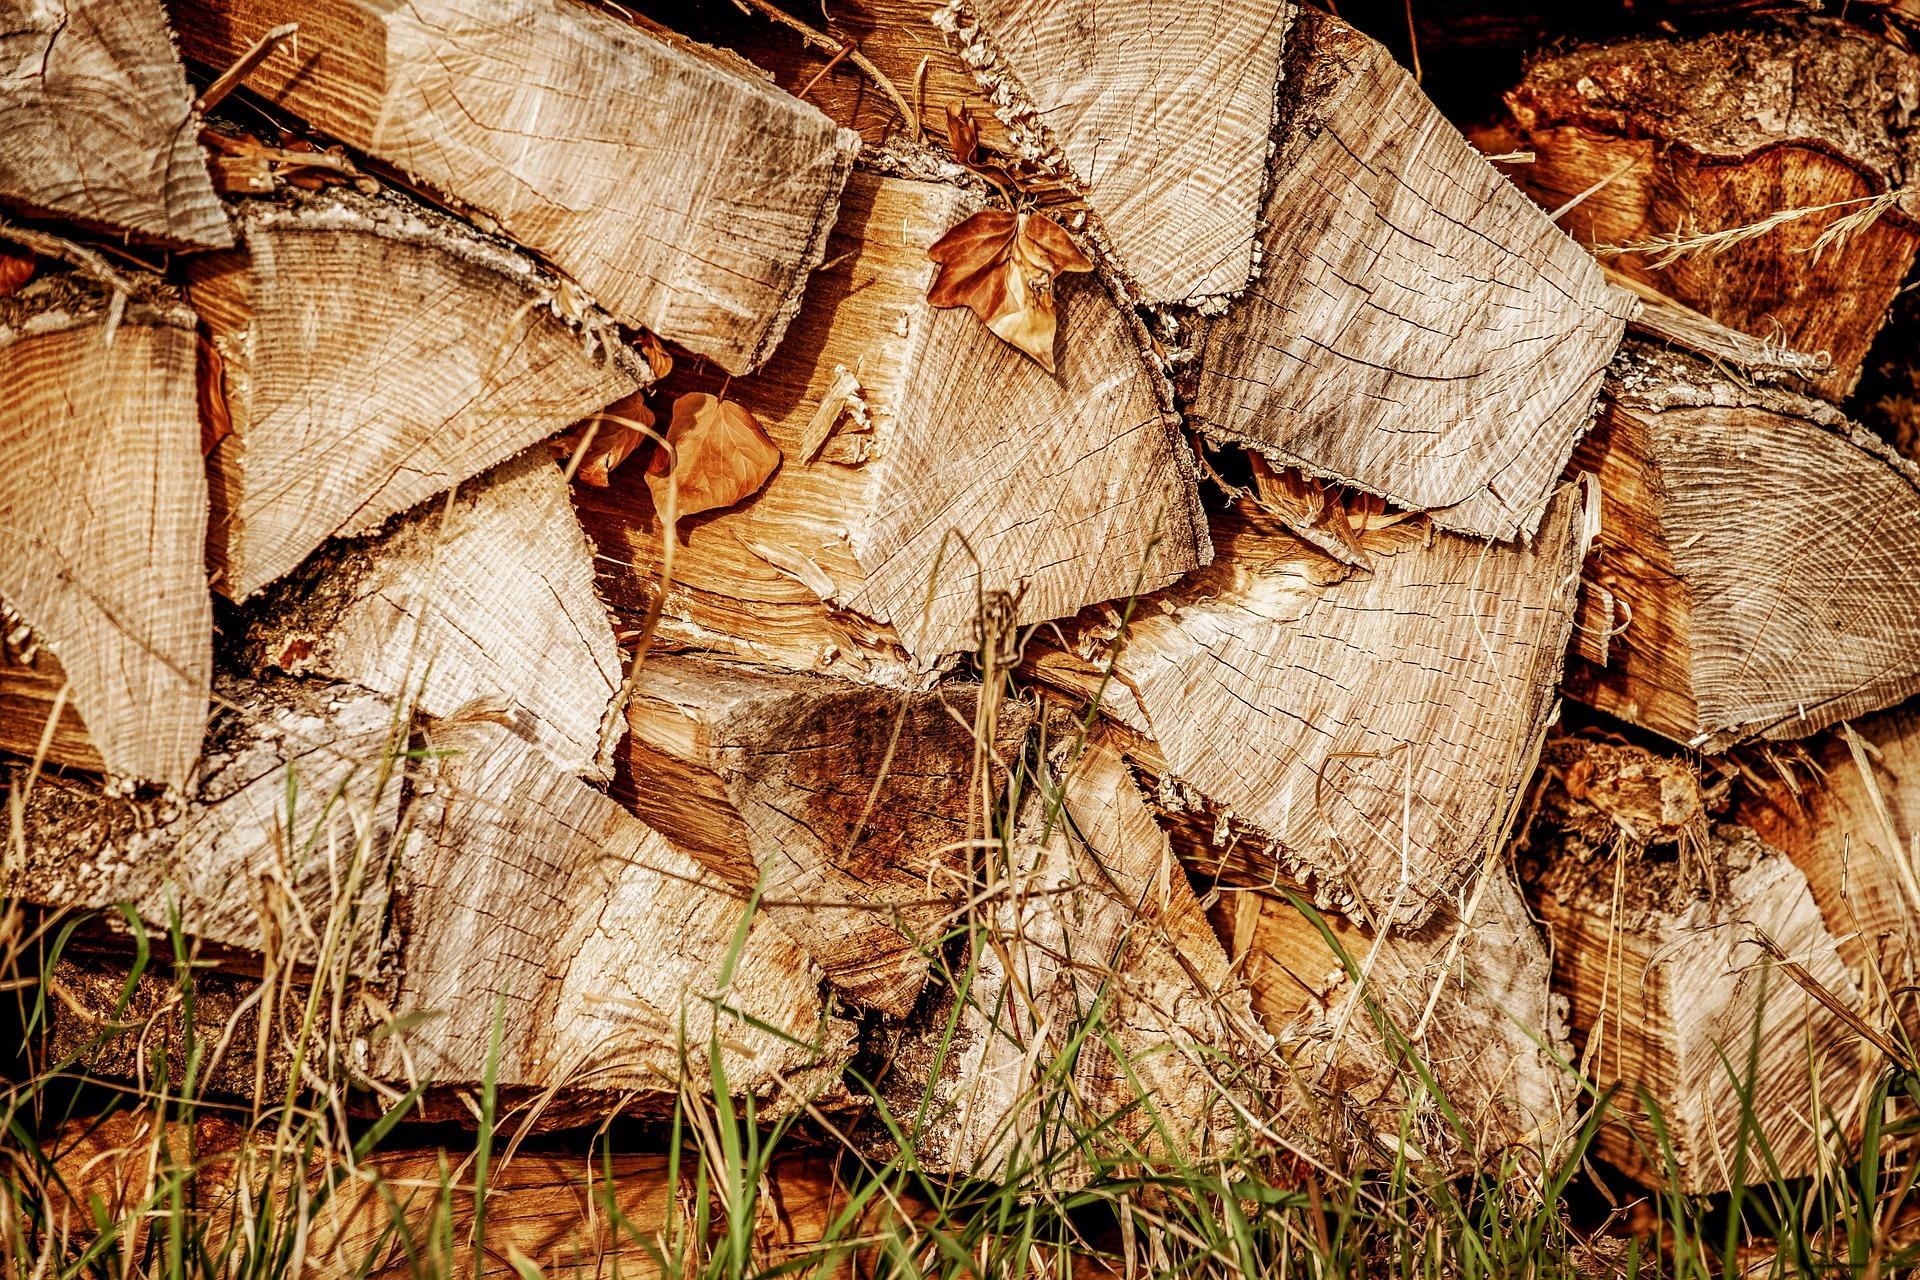 wood-3674863_1920_edited